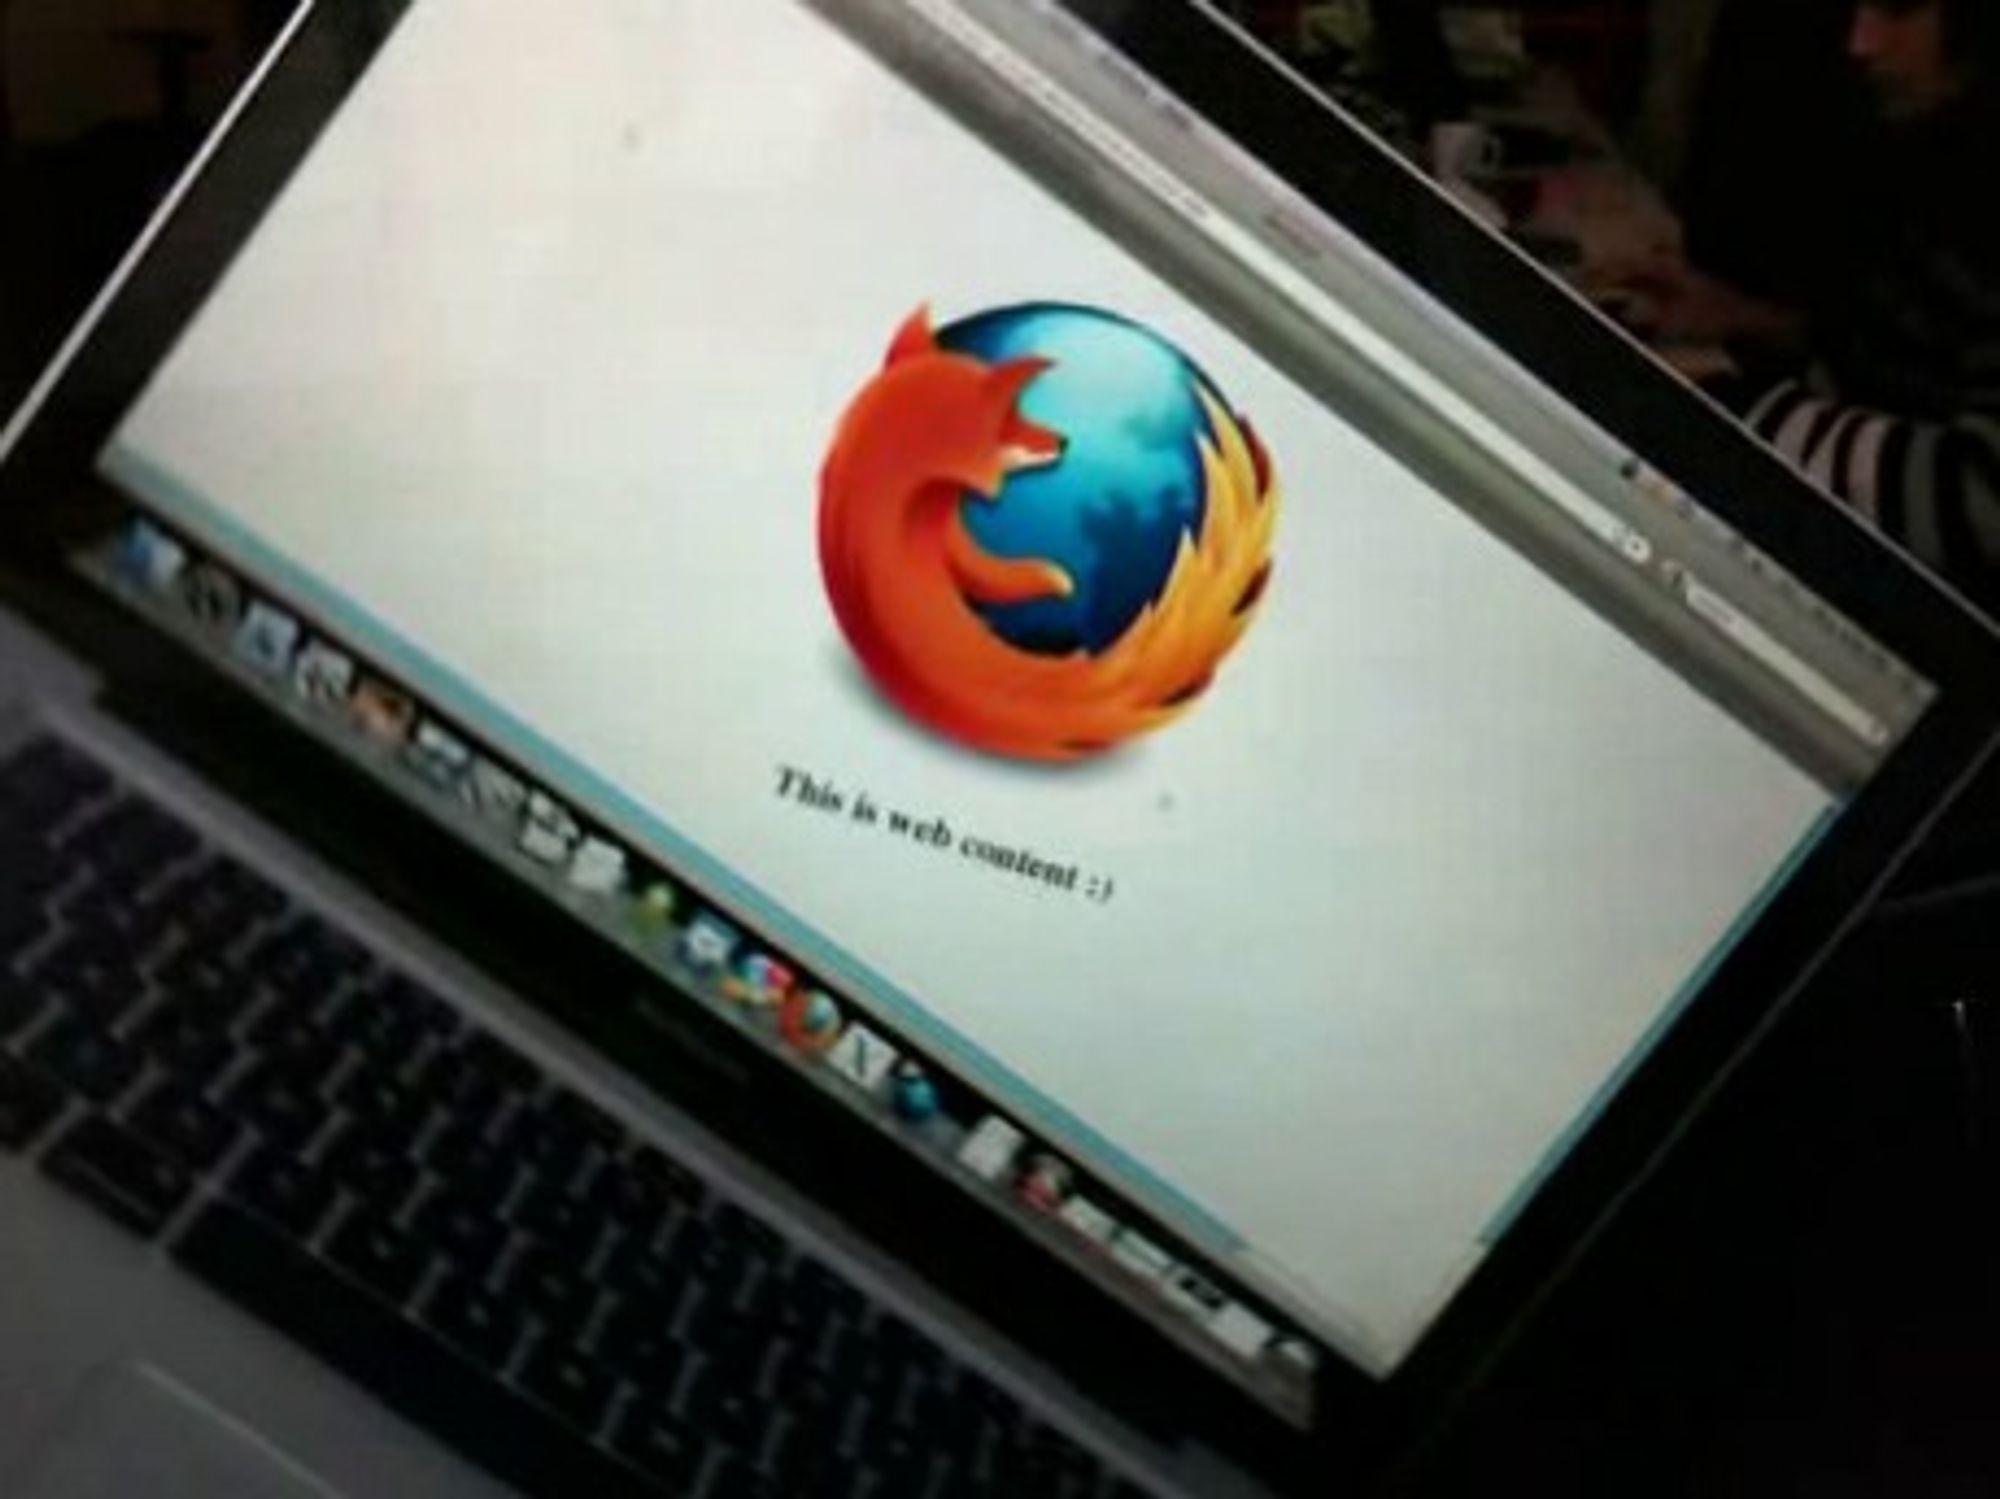 Firefox 3.6 får støtte for akselerometeret i bærbare maskiner.